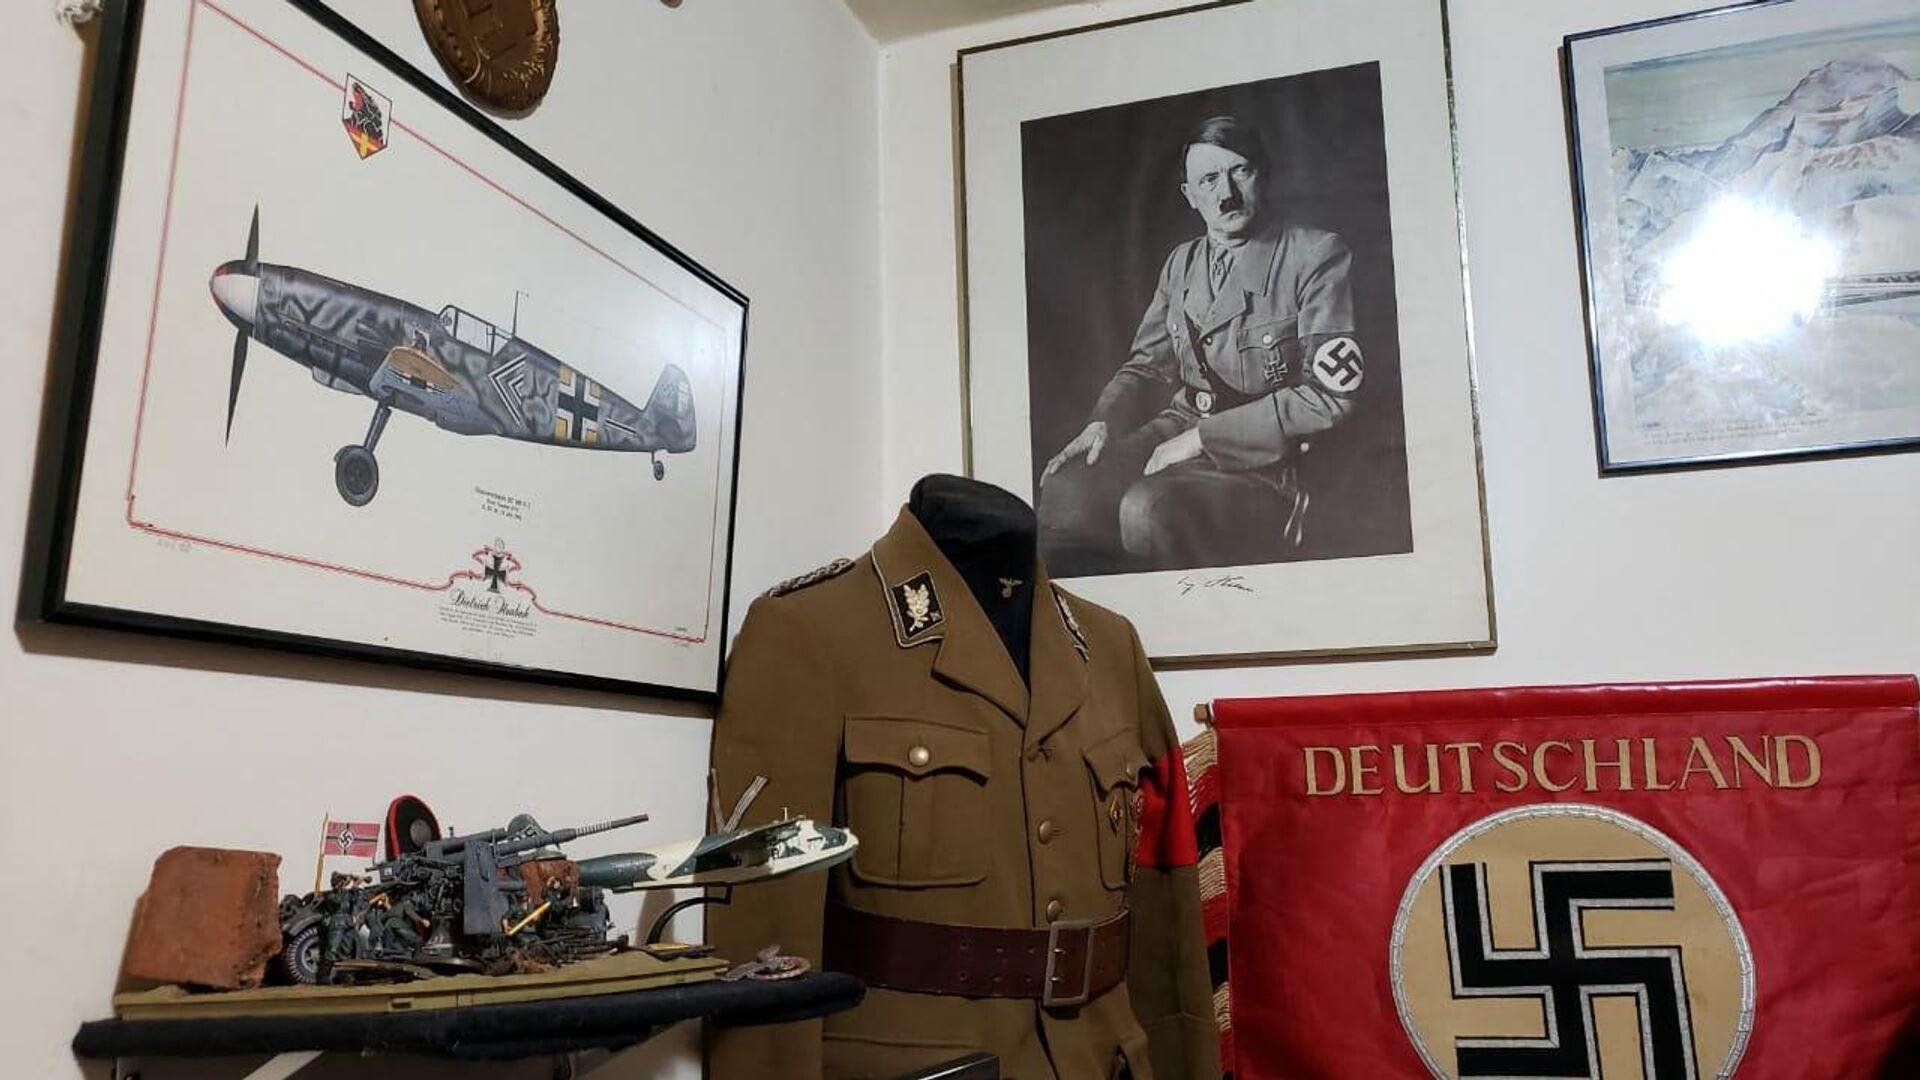 Ein Teil der Sammlung von Nazi-Gegenständen , die im Haus eines mutmaßlichen Pädophilen in Rio de Janeiro gefunden wurde - SNA, 1920, 08.10.2021